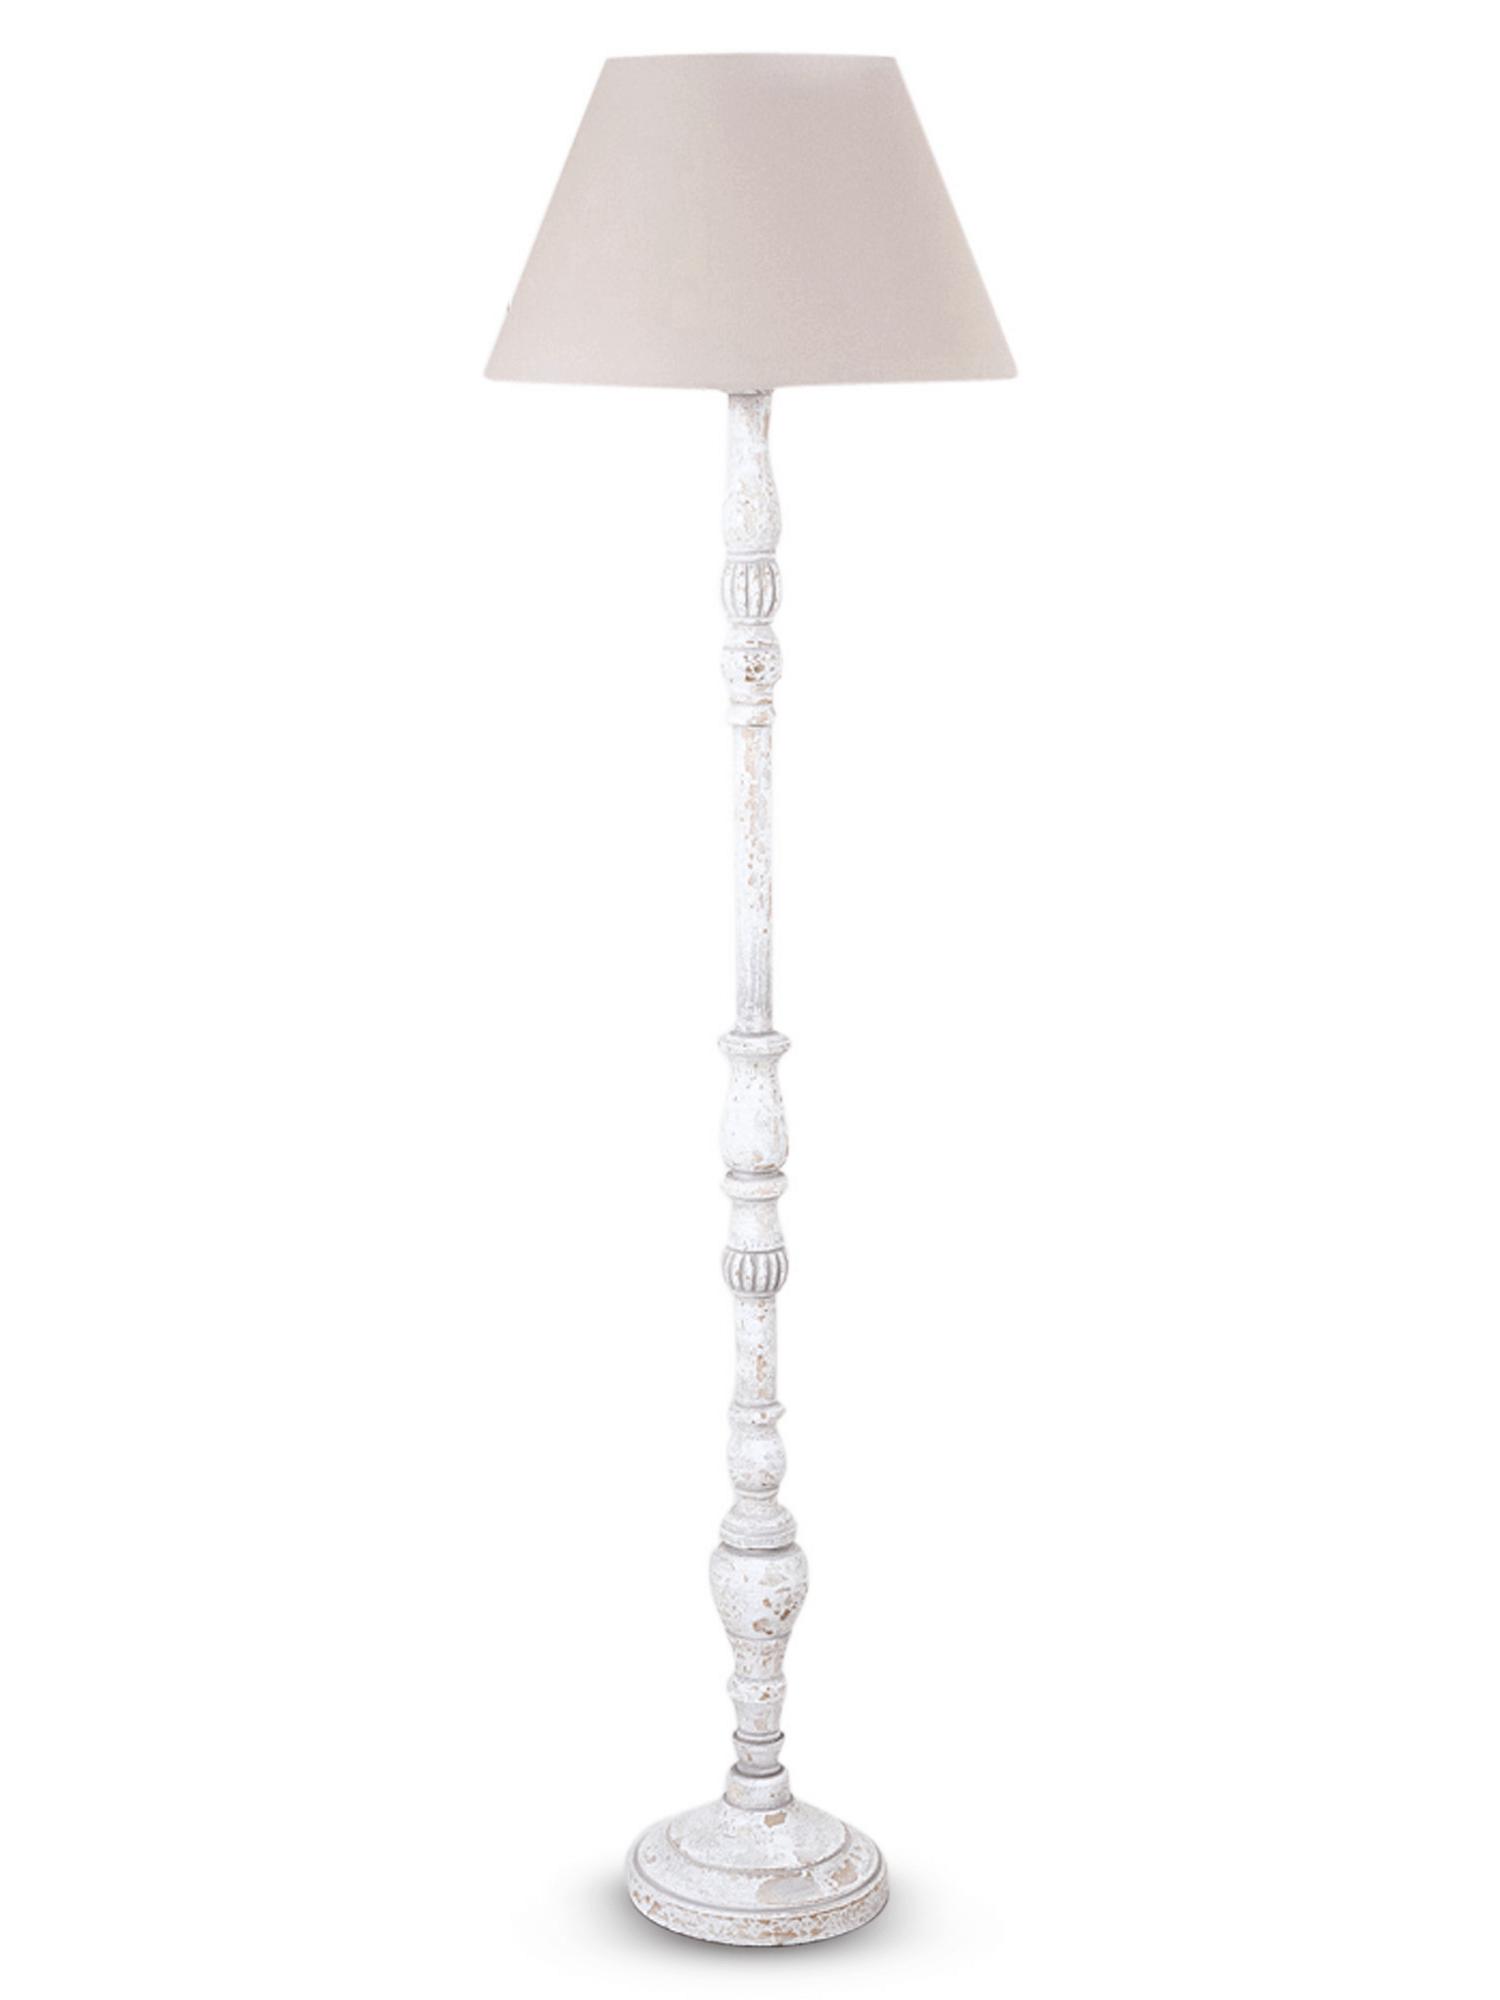 NEW Elegant White Wooden Floor Lamp Wooden floor lamps